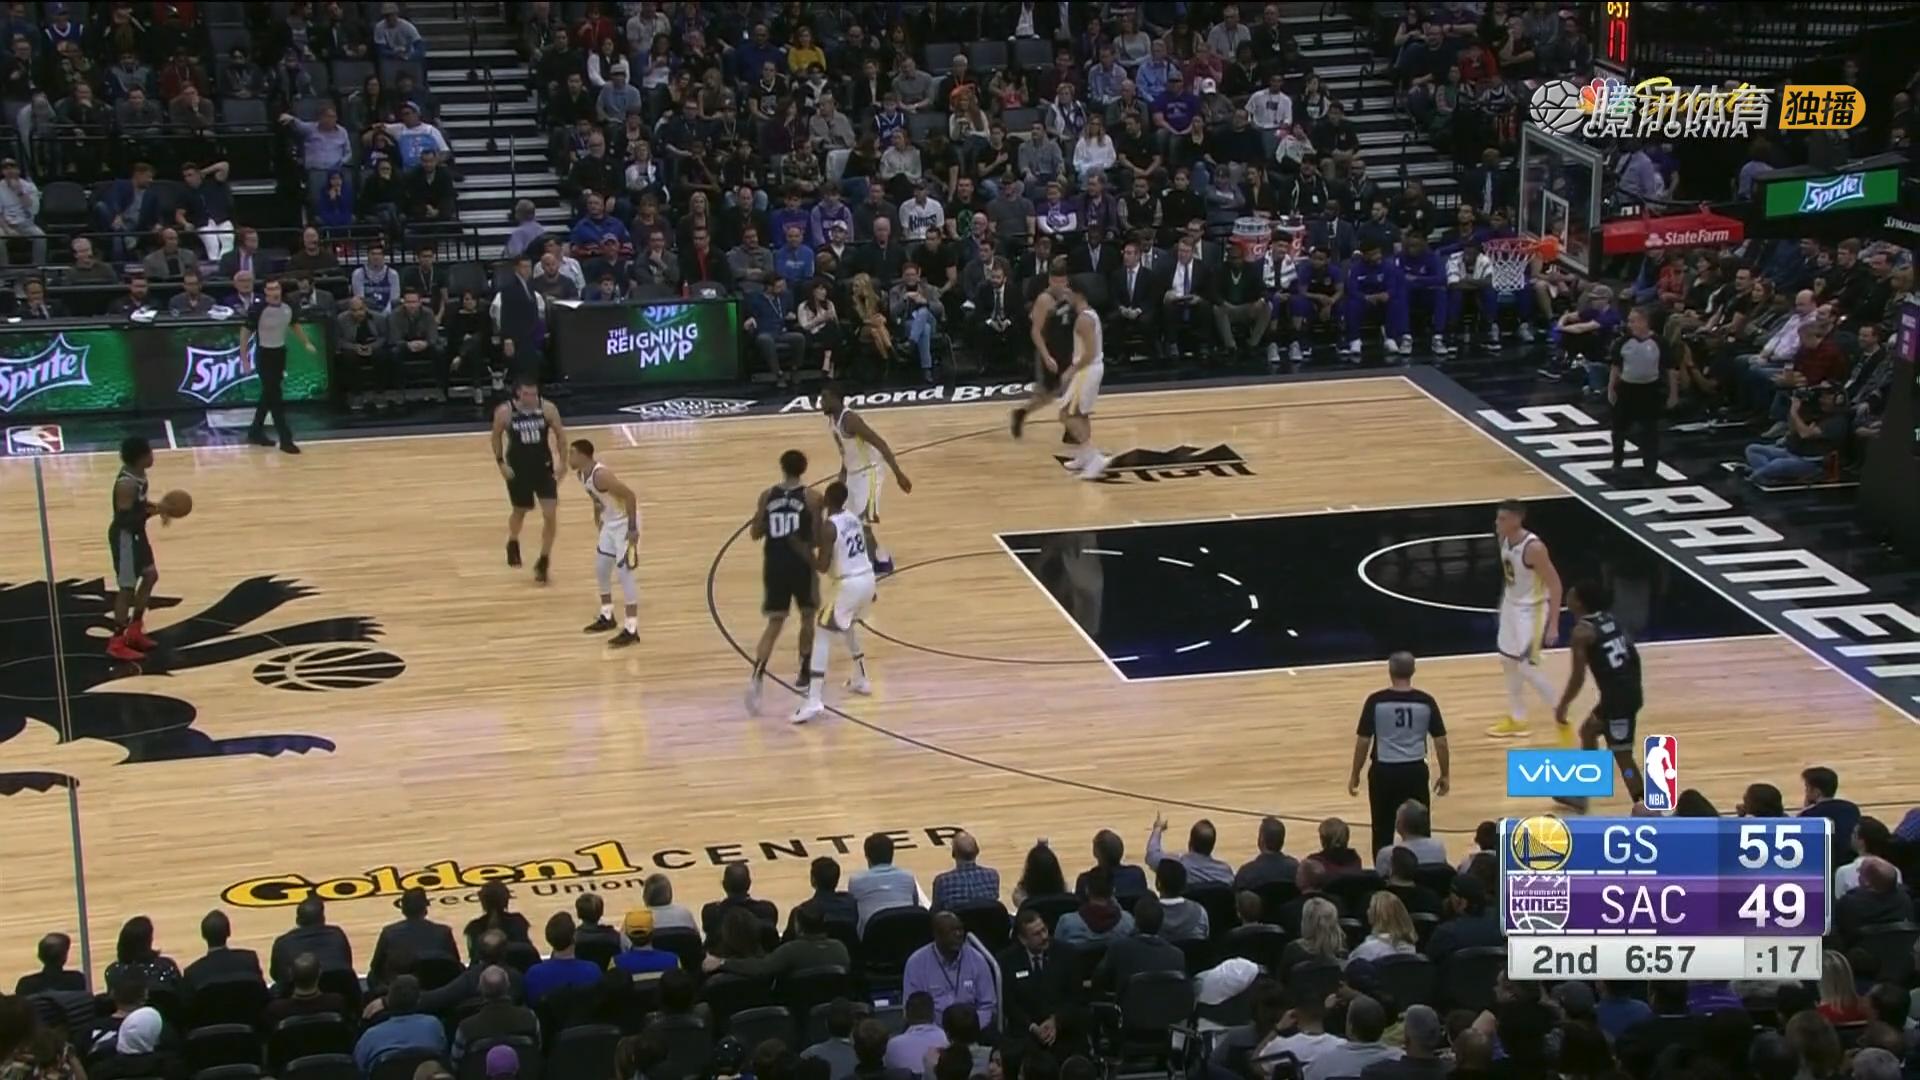 2018年12月15日 NBA常规赛 勇士VS国王 全场高清录像回放-麦豆网